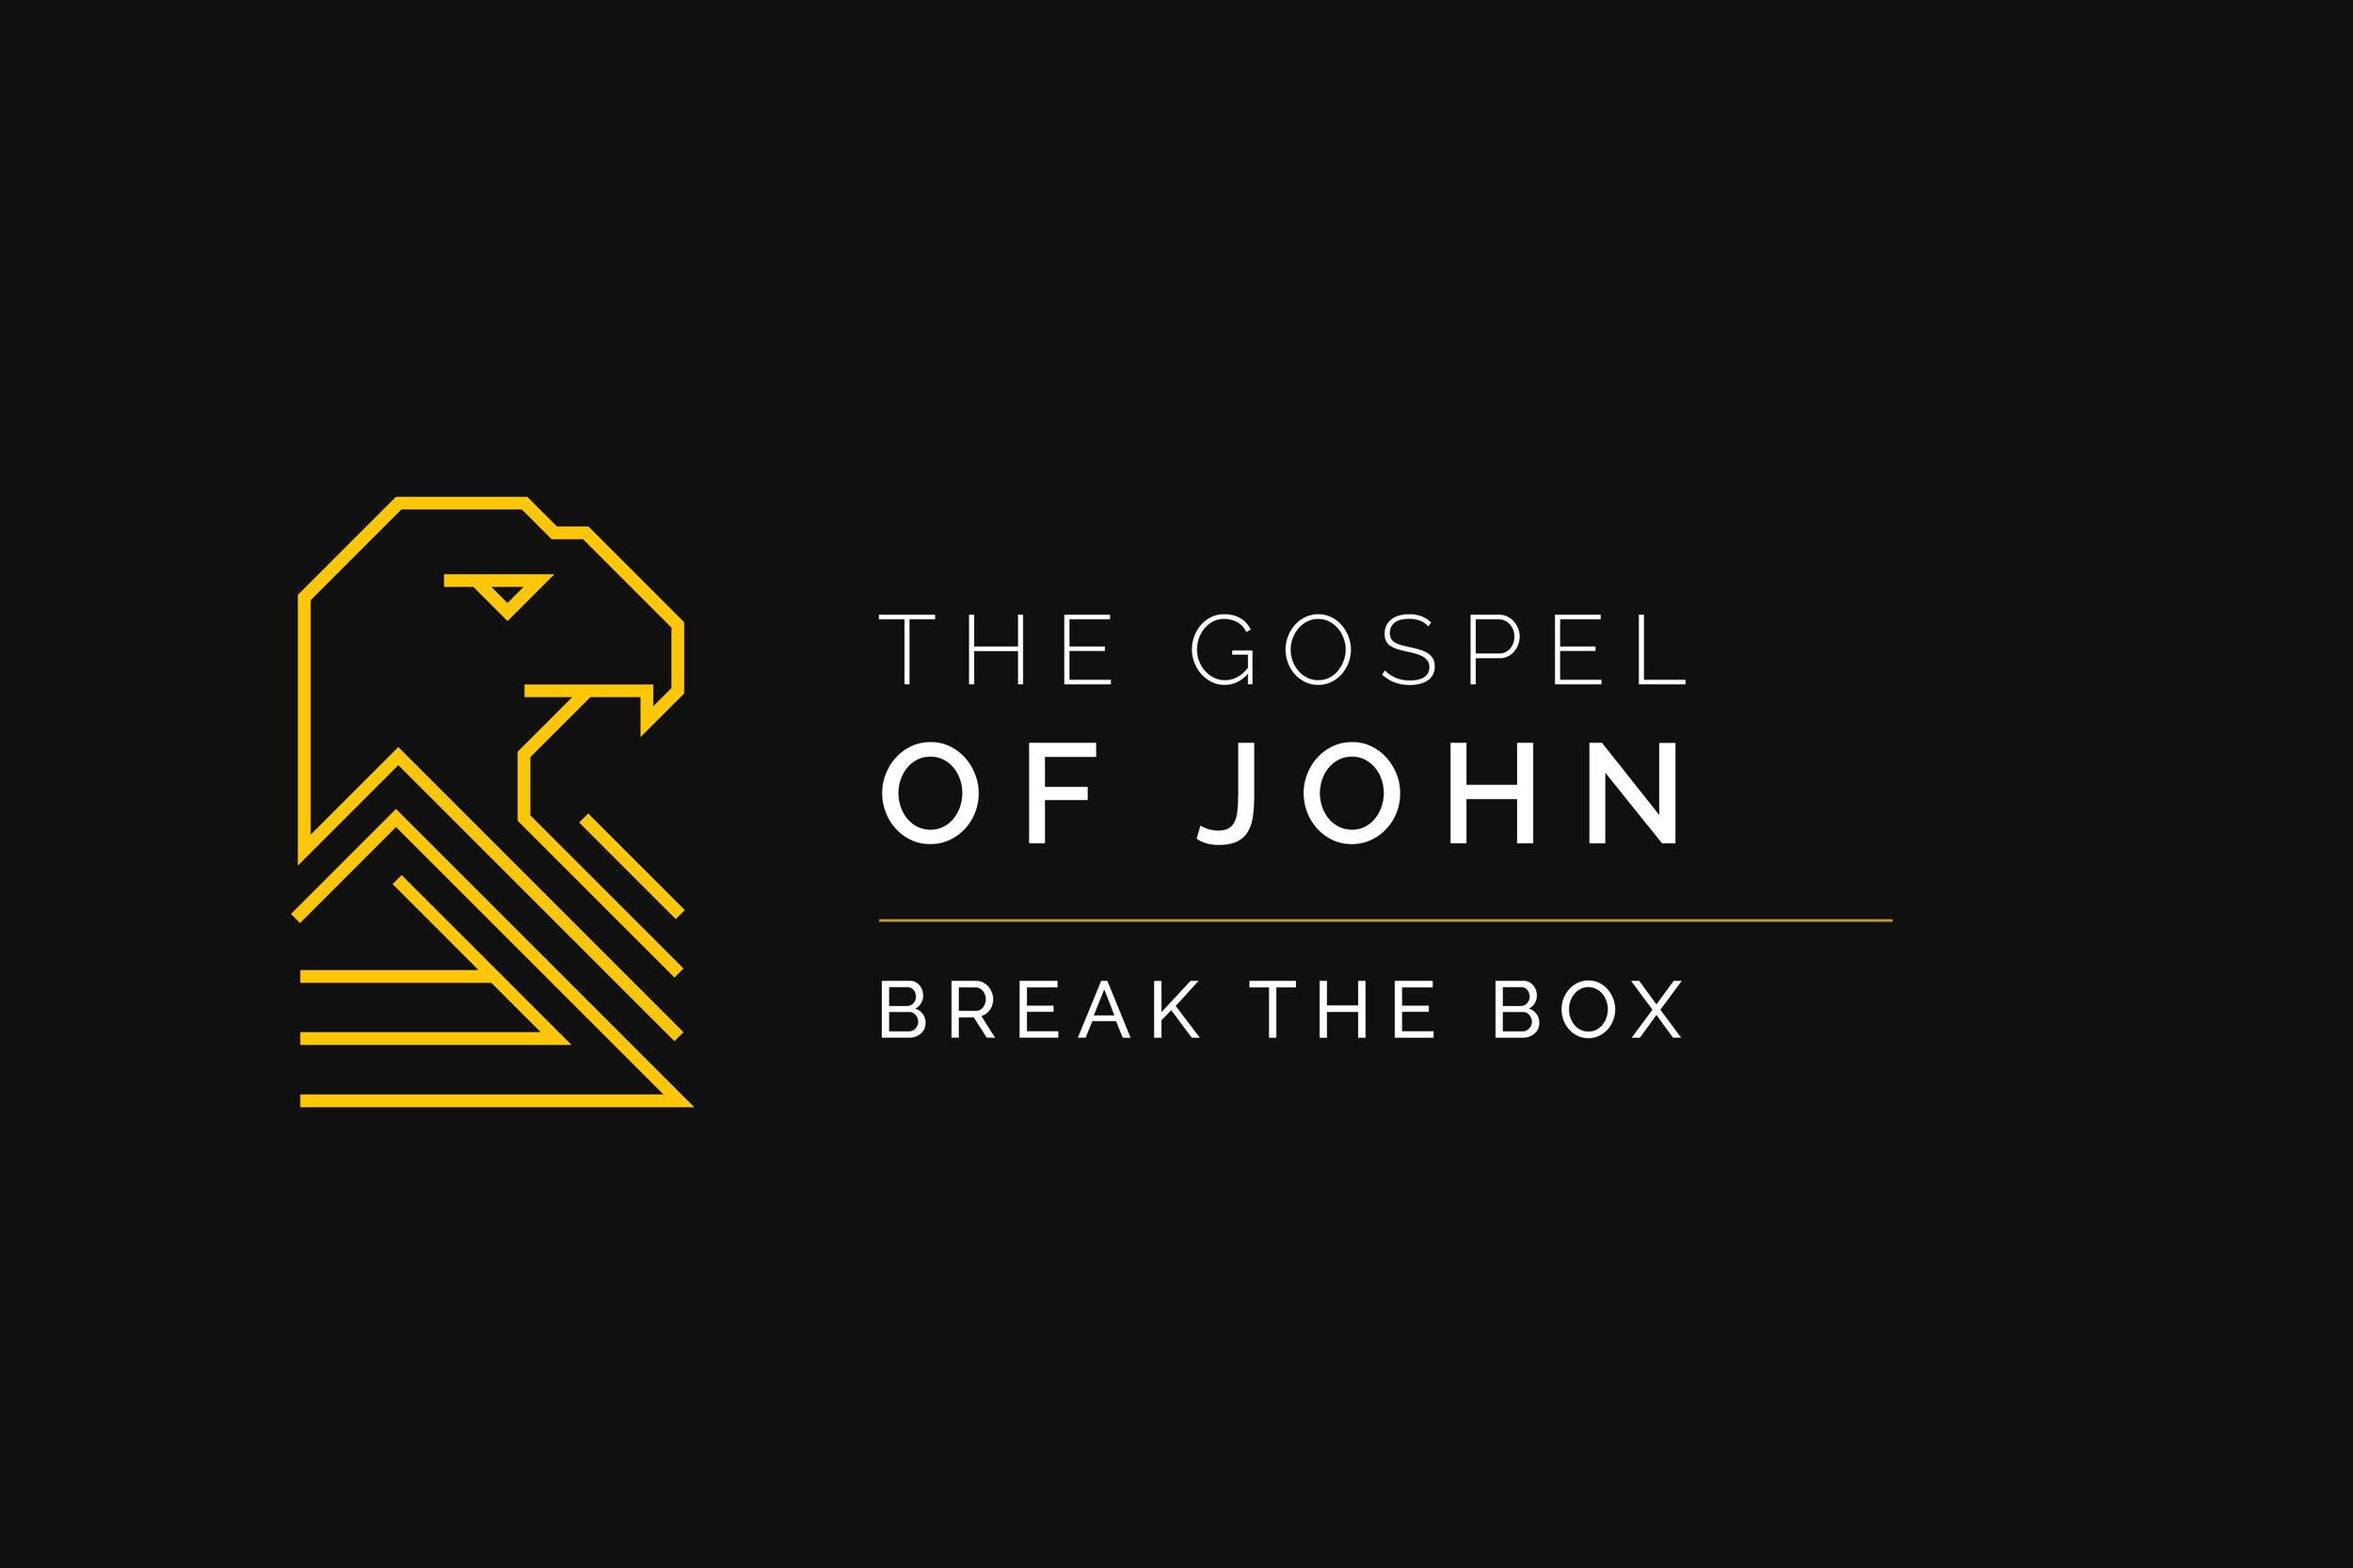 08-12-The-Gospel-of-John--Break-the-box.jpg